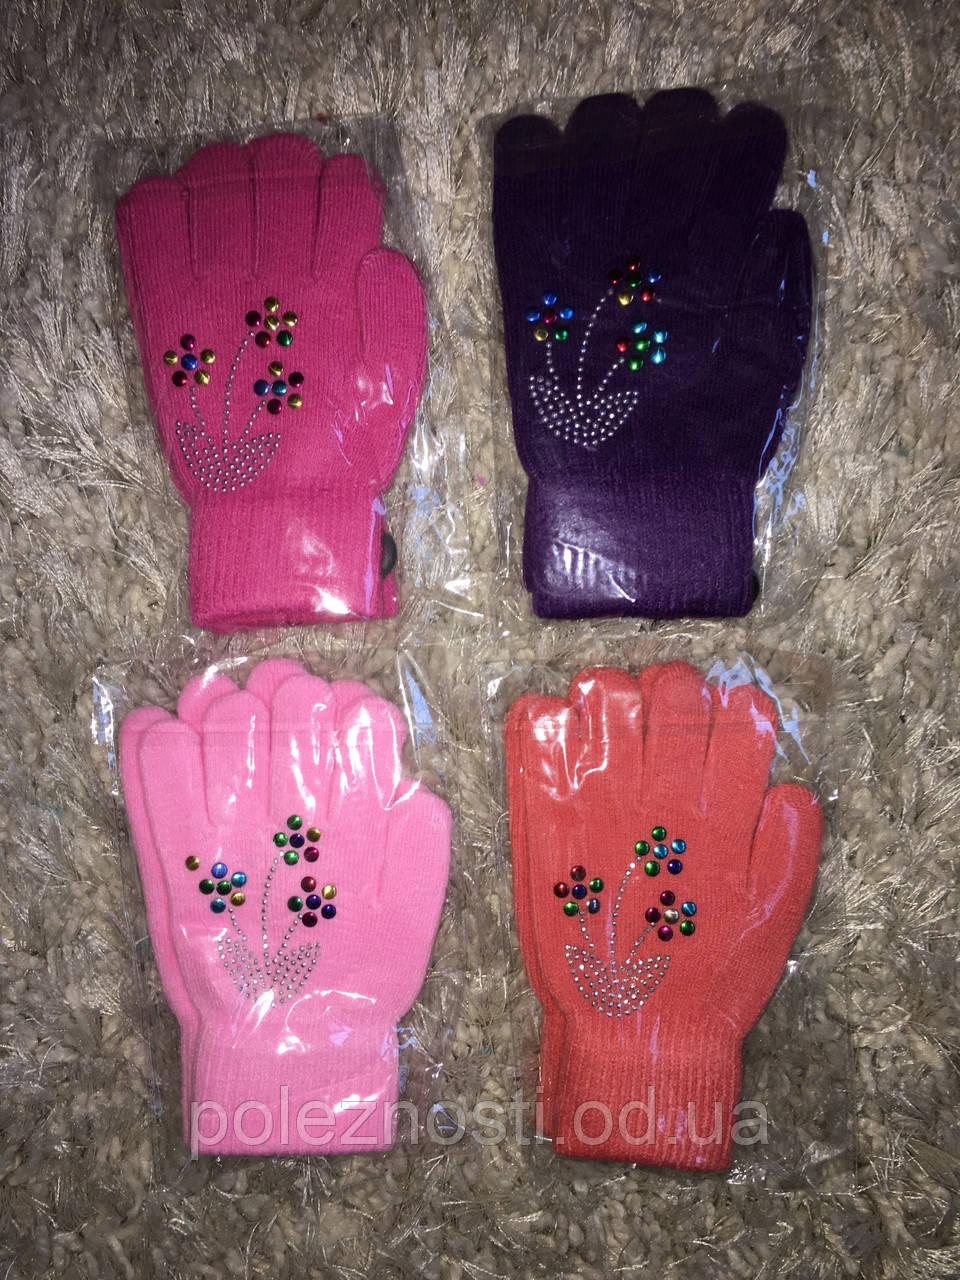 Перчатки для девочек, Букет, 5-8 лет (расцветки в наличии фиолетовый и оранжевый)